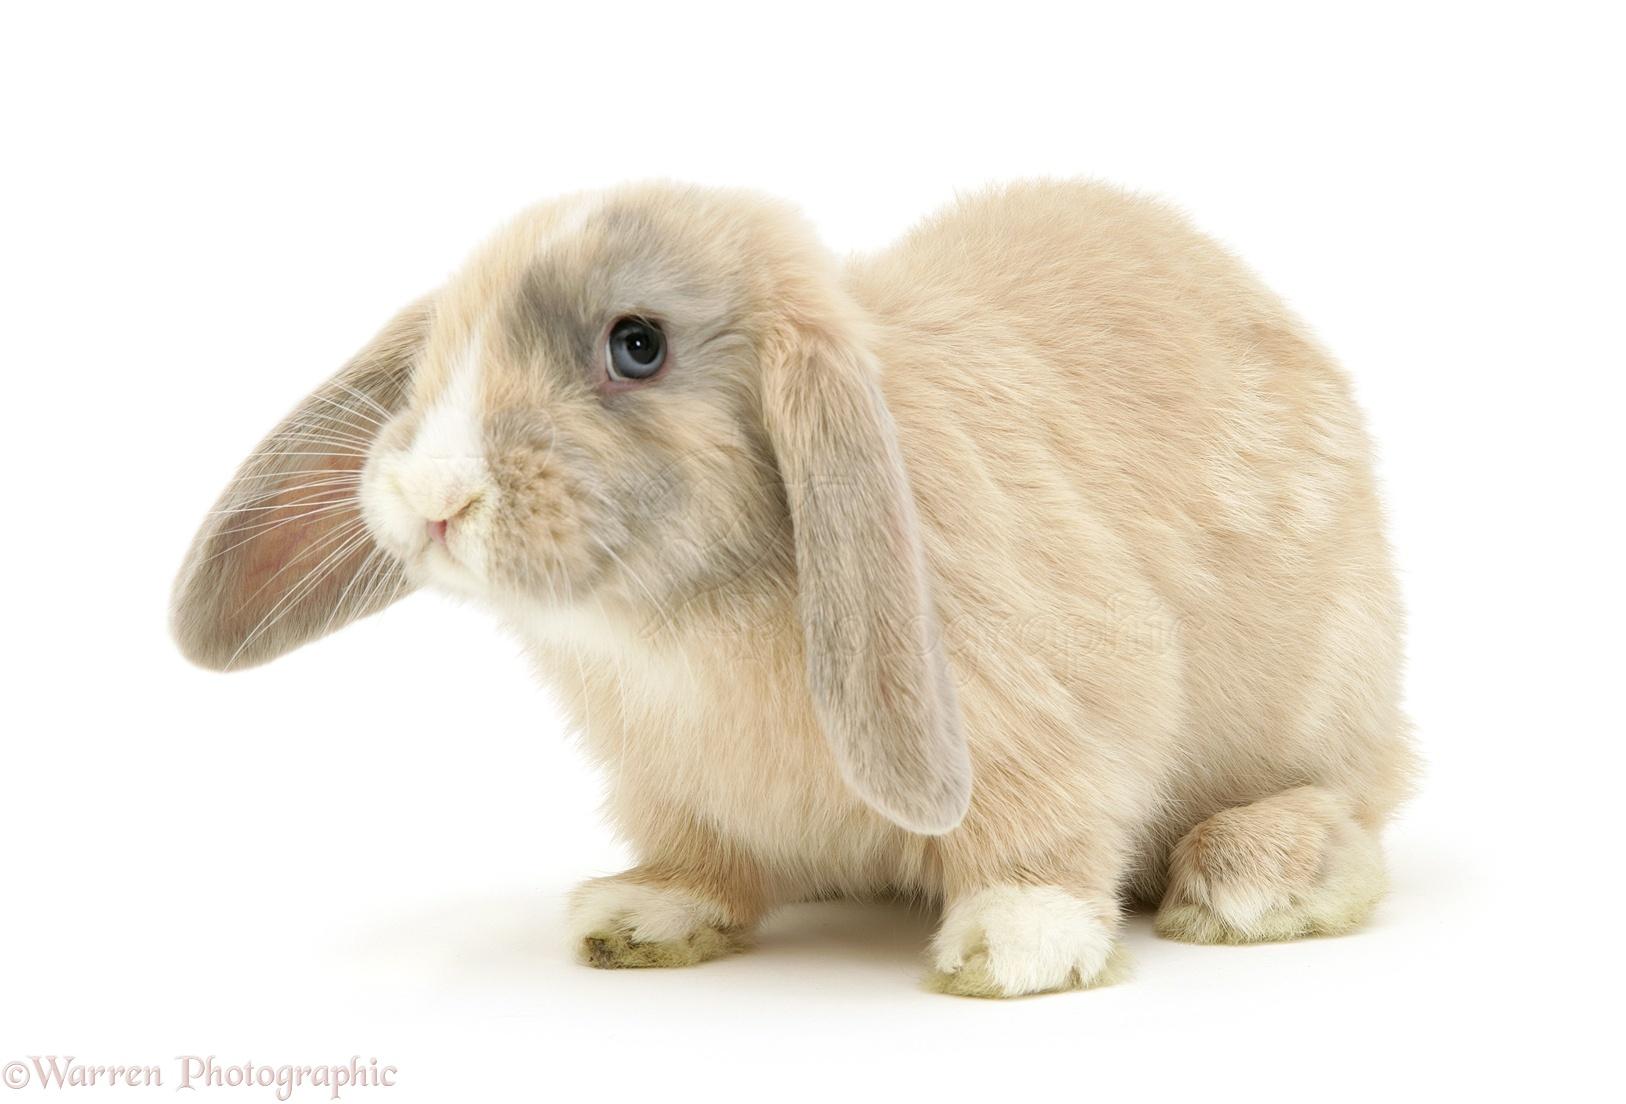 Dwarf lop rabbits - photo#4